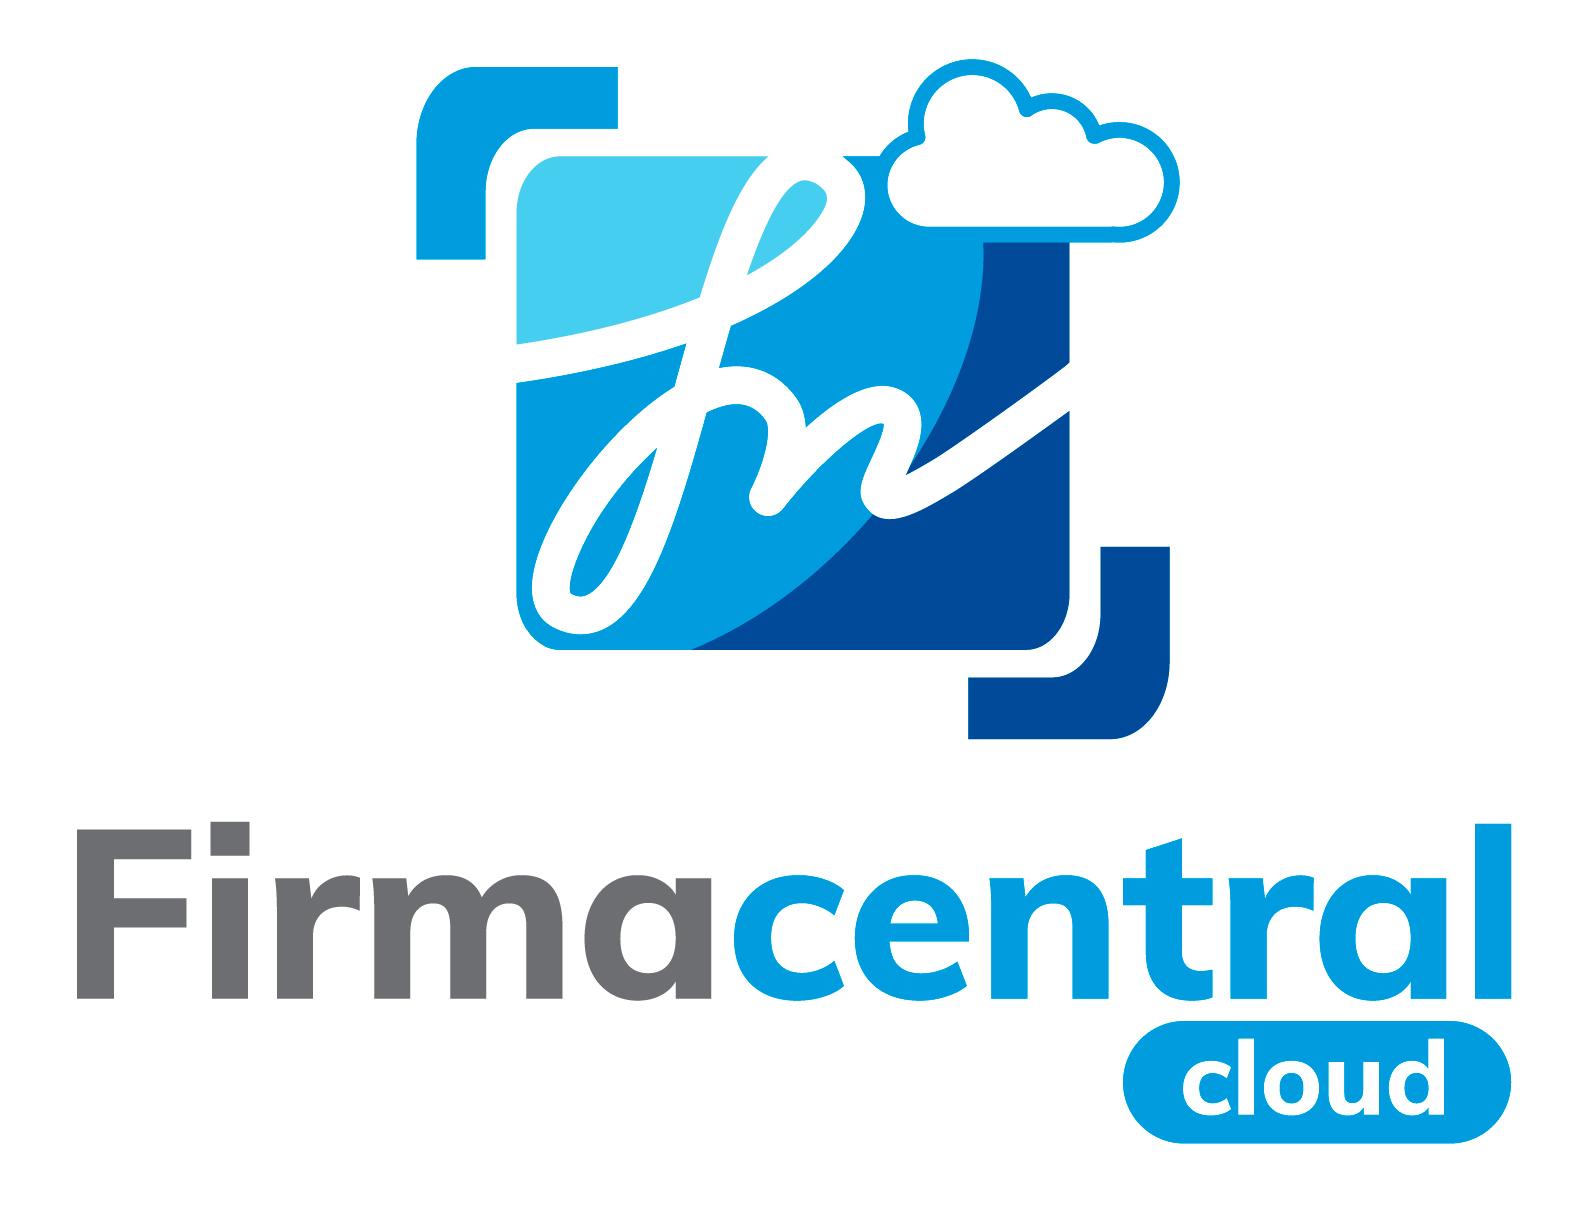 Logotipo Firmacentral- vertical fondo blanco